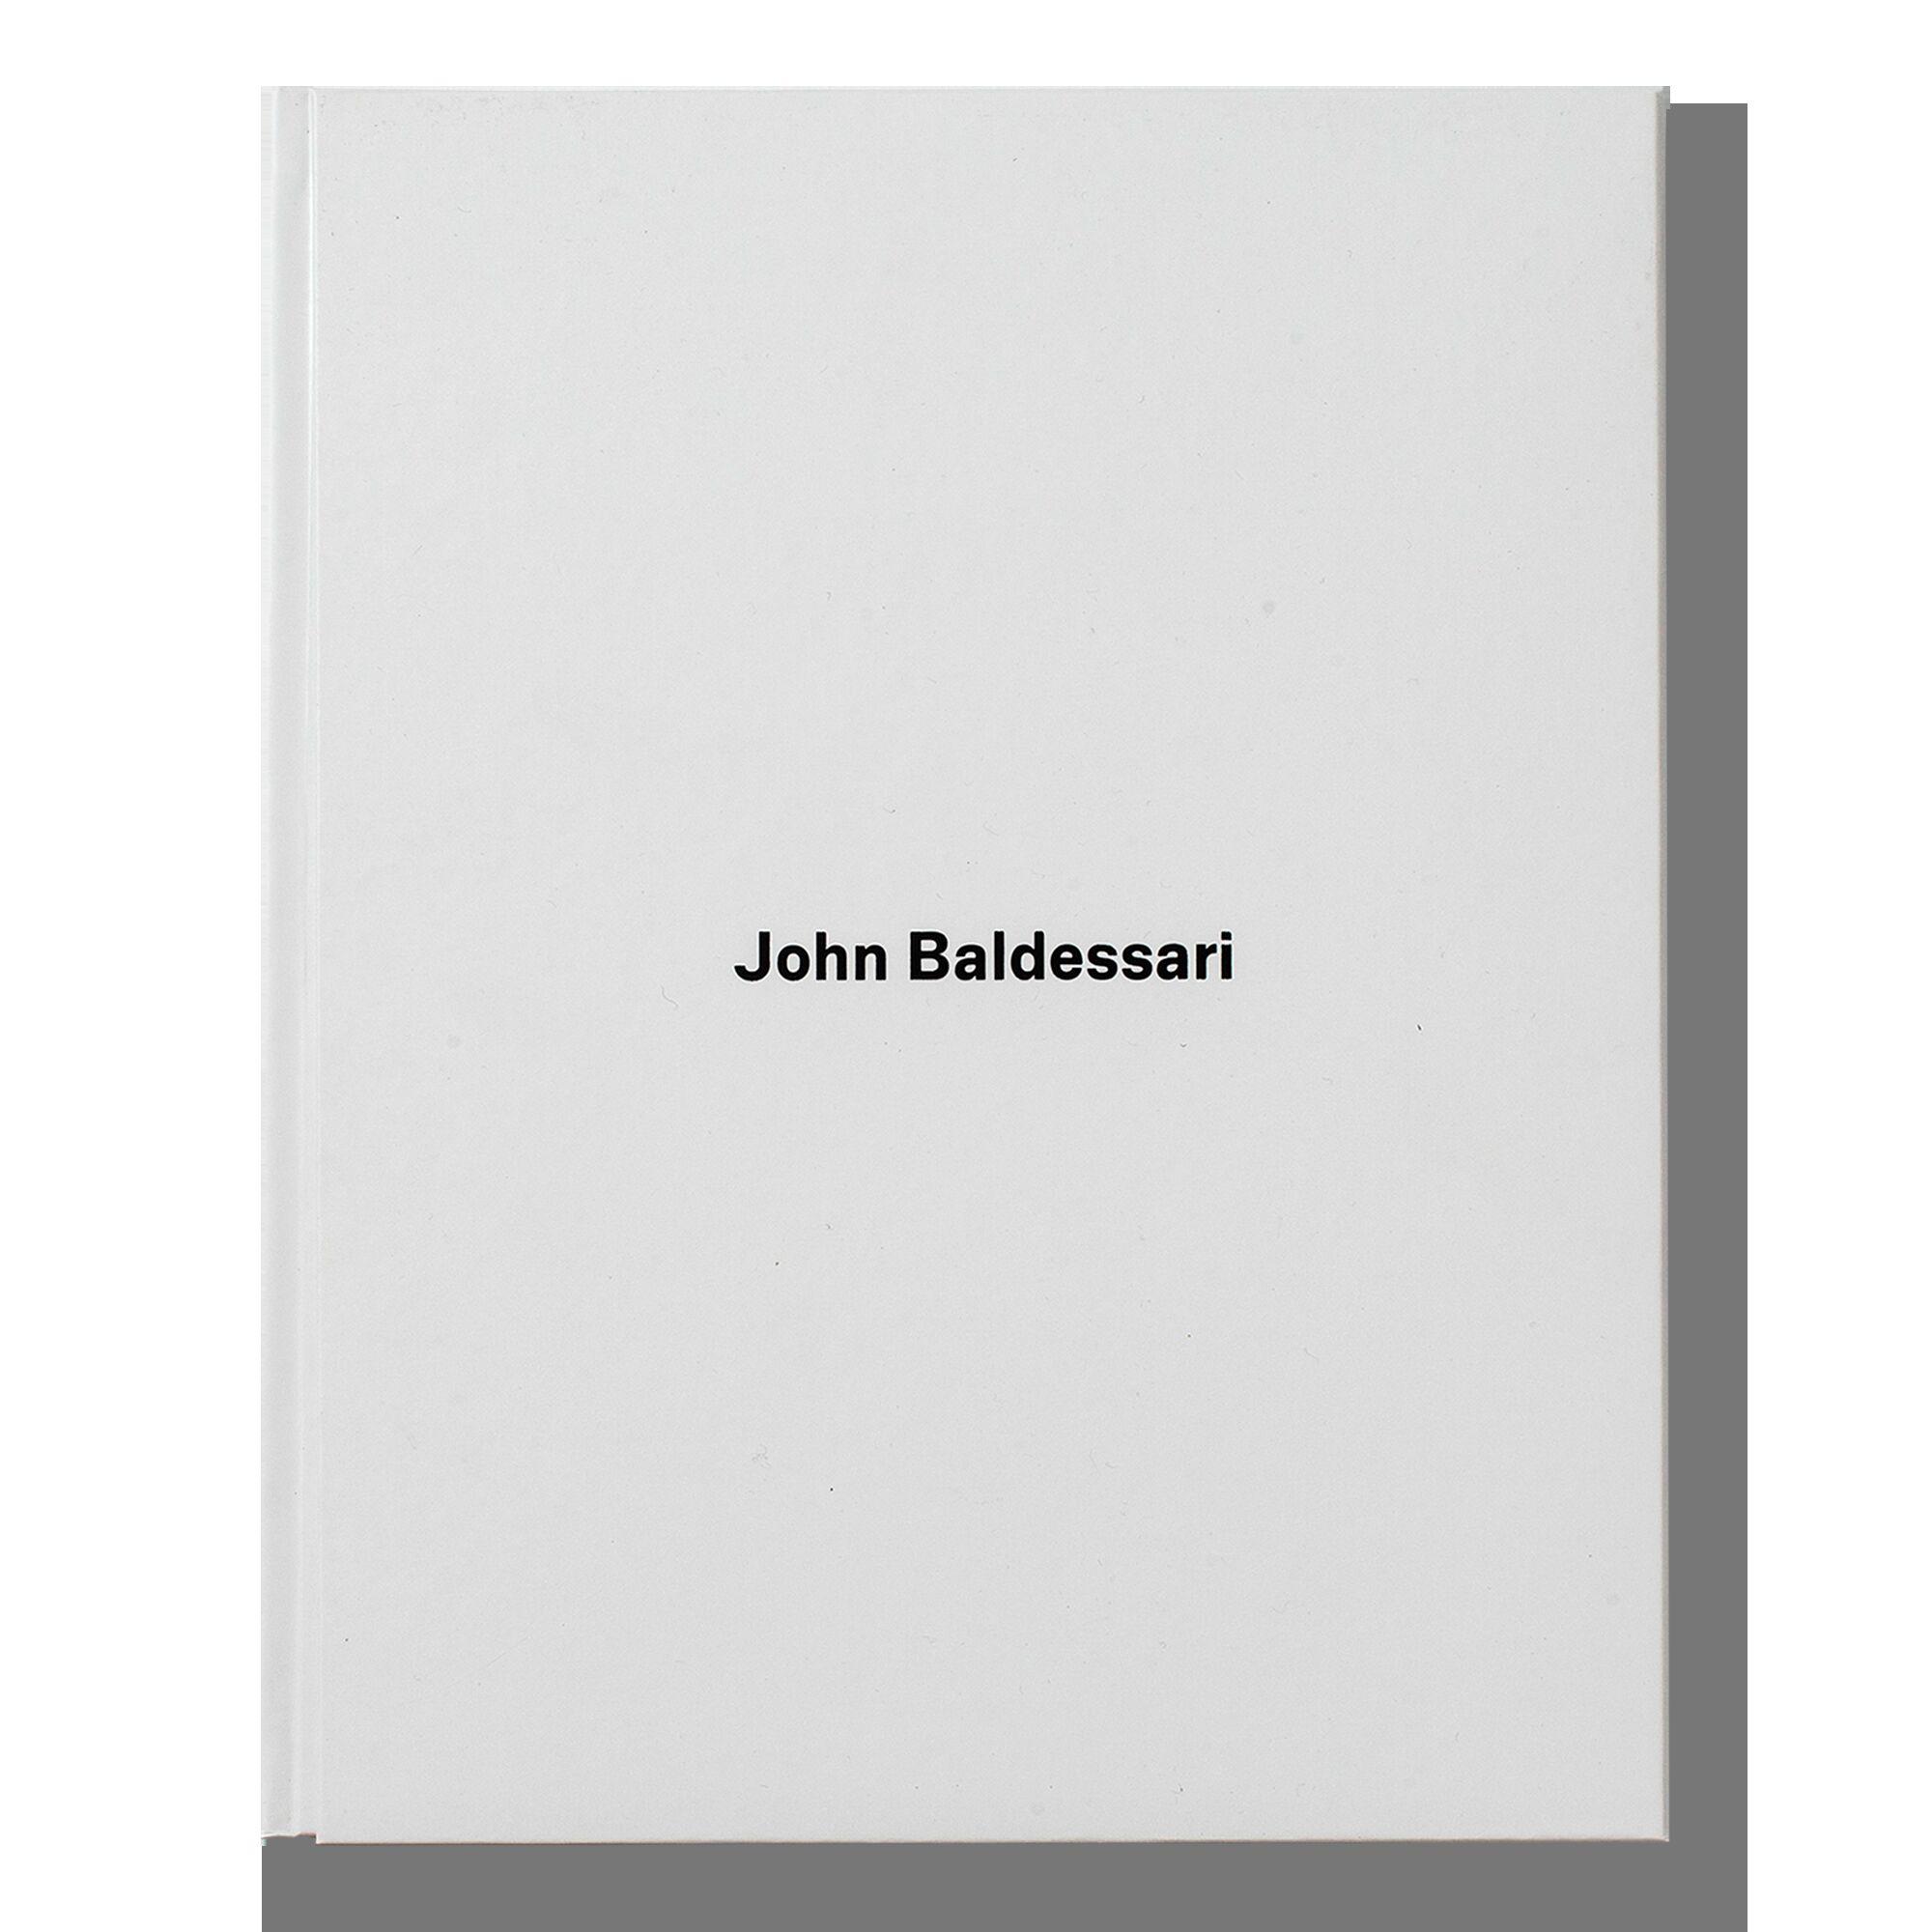 1+1=1. Джон Балдессари